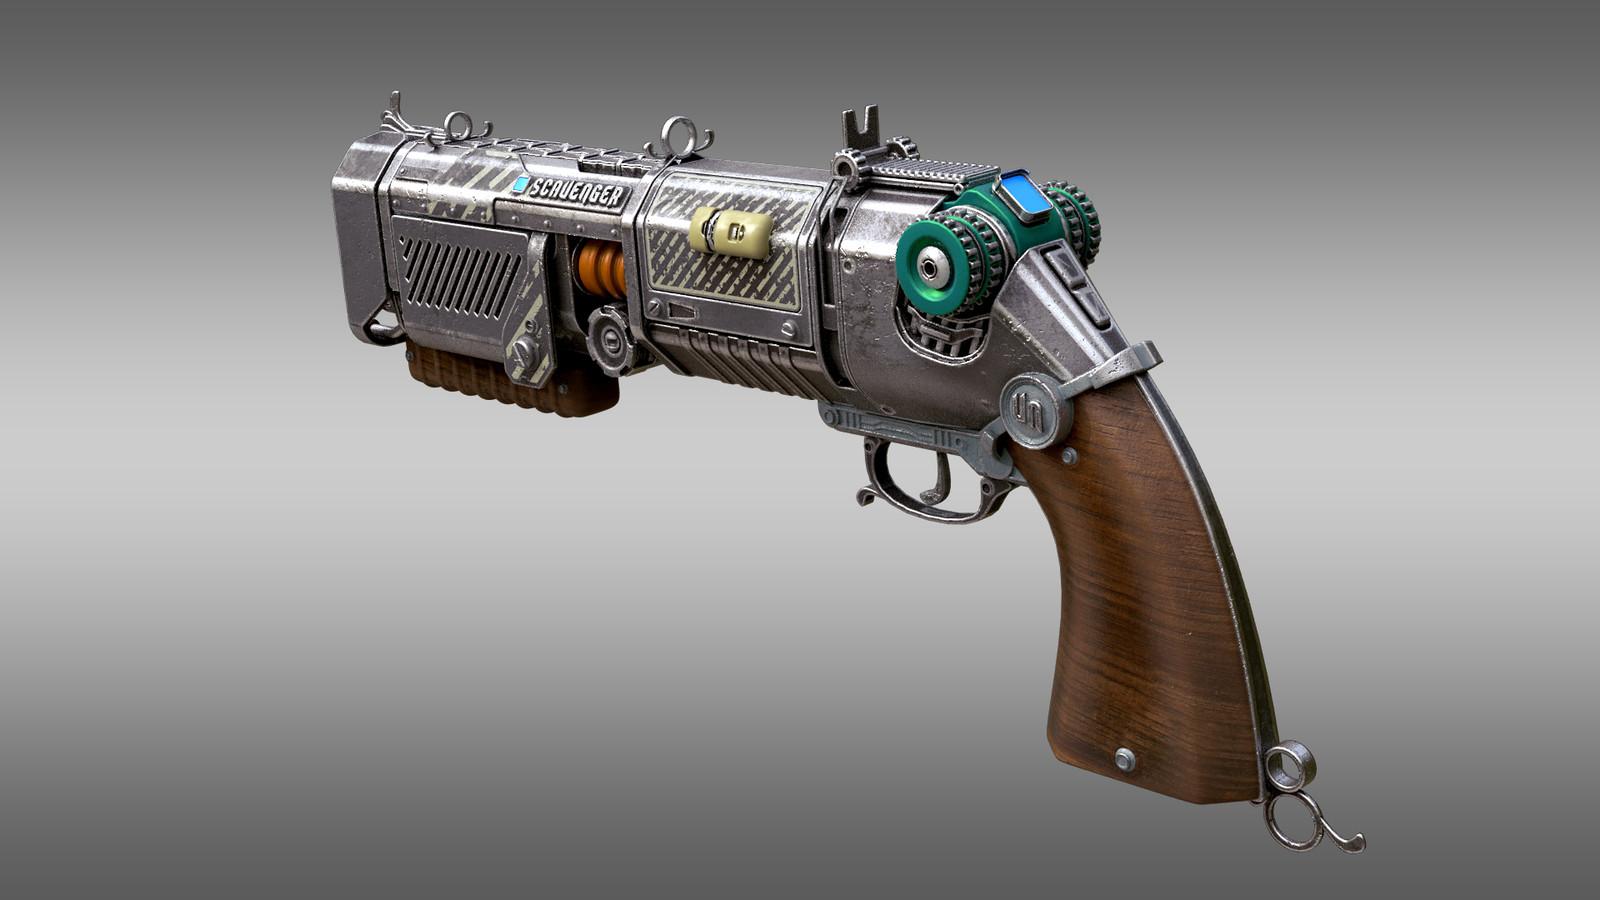 Scavenger Gun